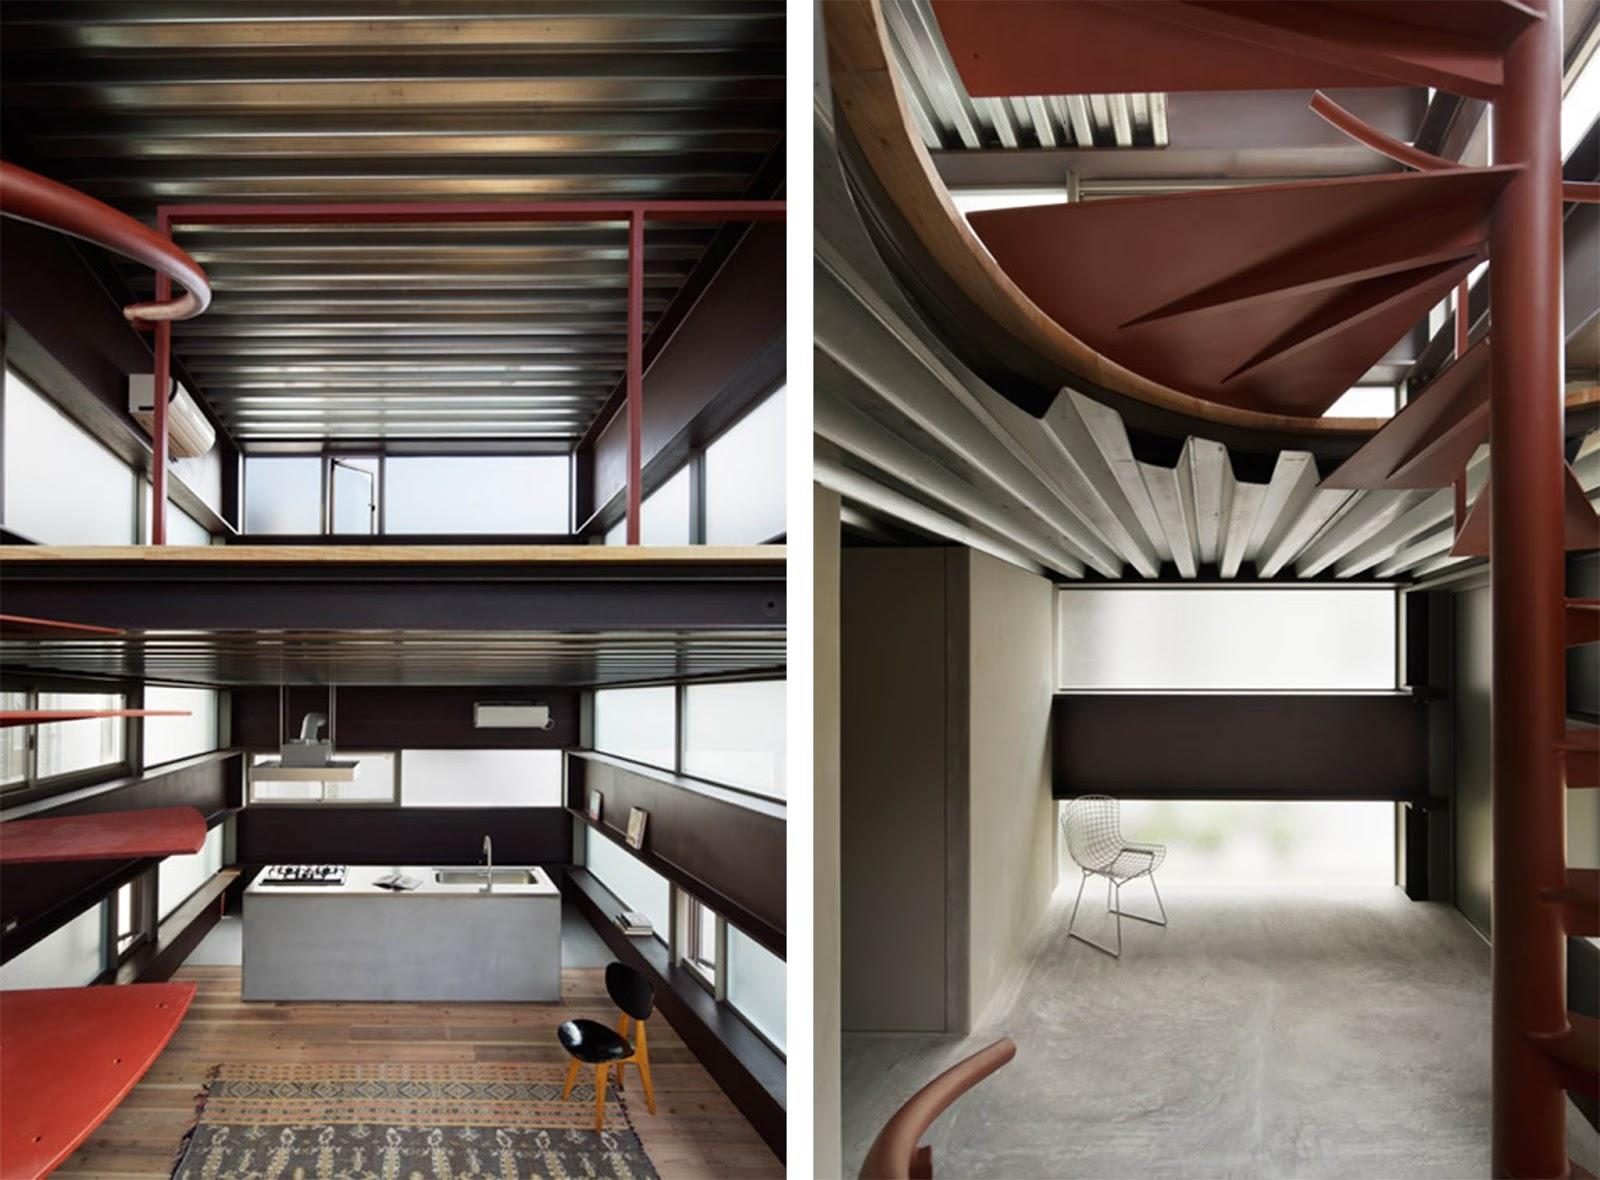 Casa in stile giapponese shinkabe rivisitata in chiave for Piani di casa con soggiorno formale e sale da pranzo